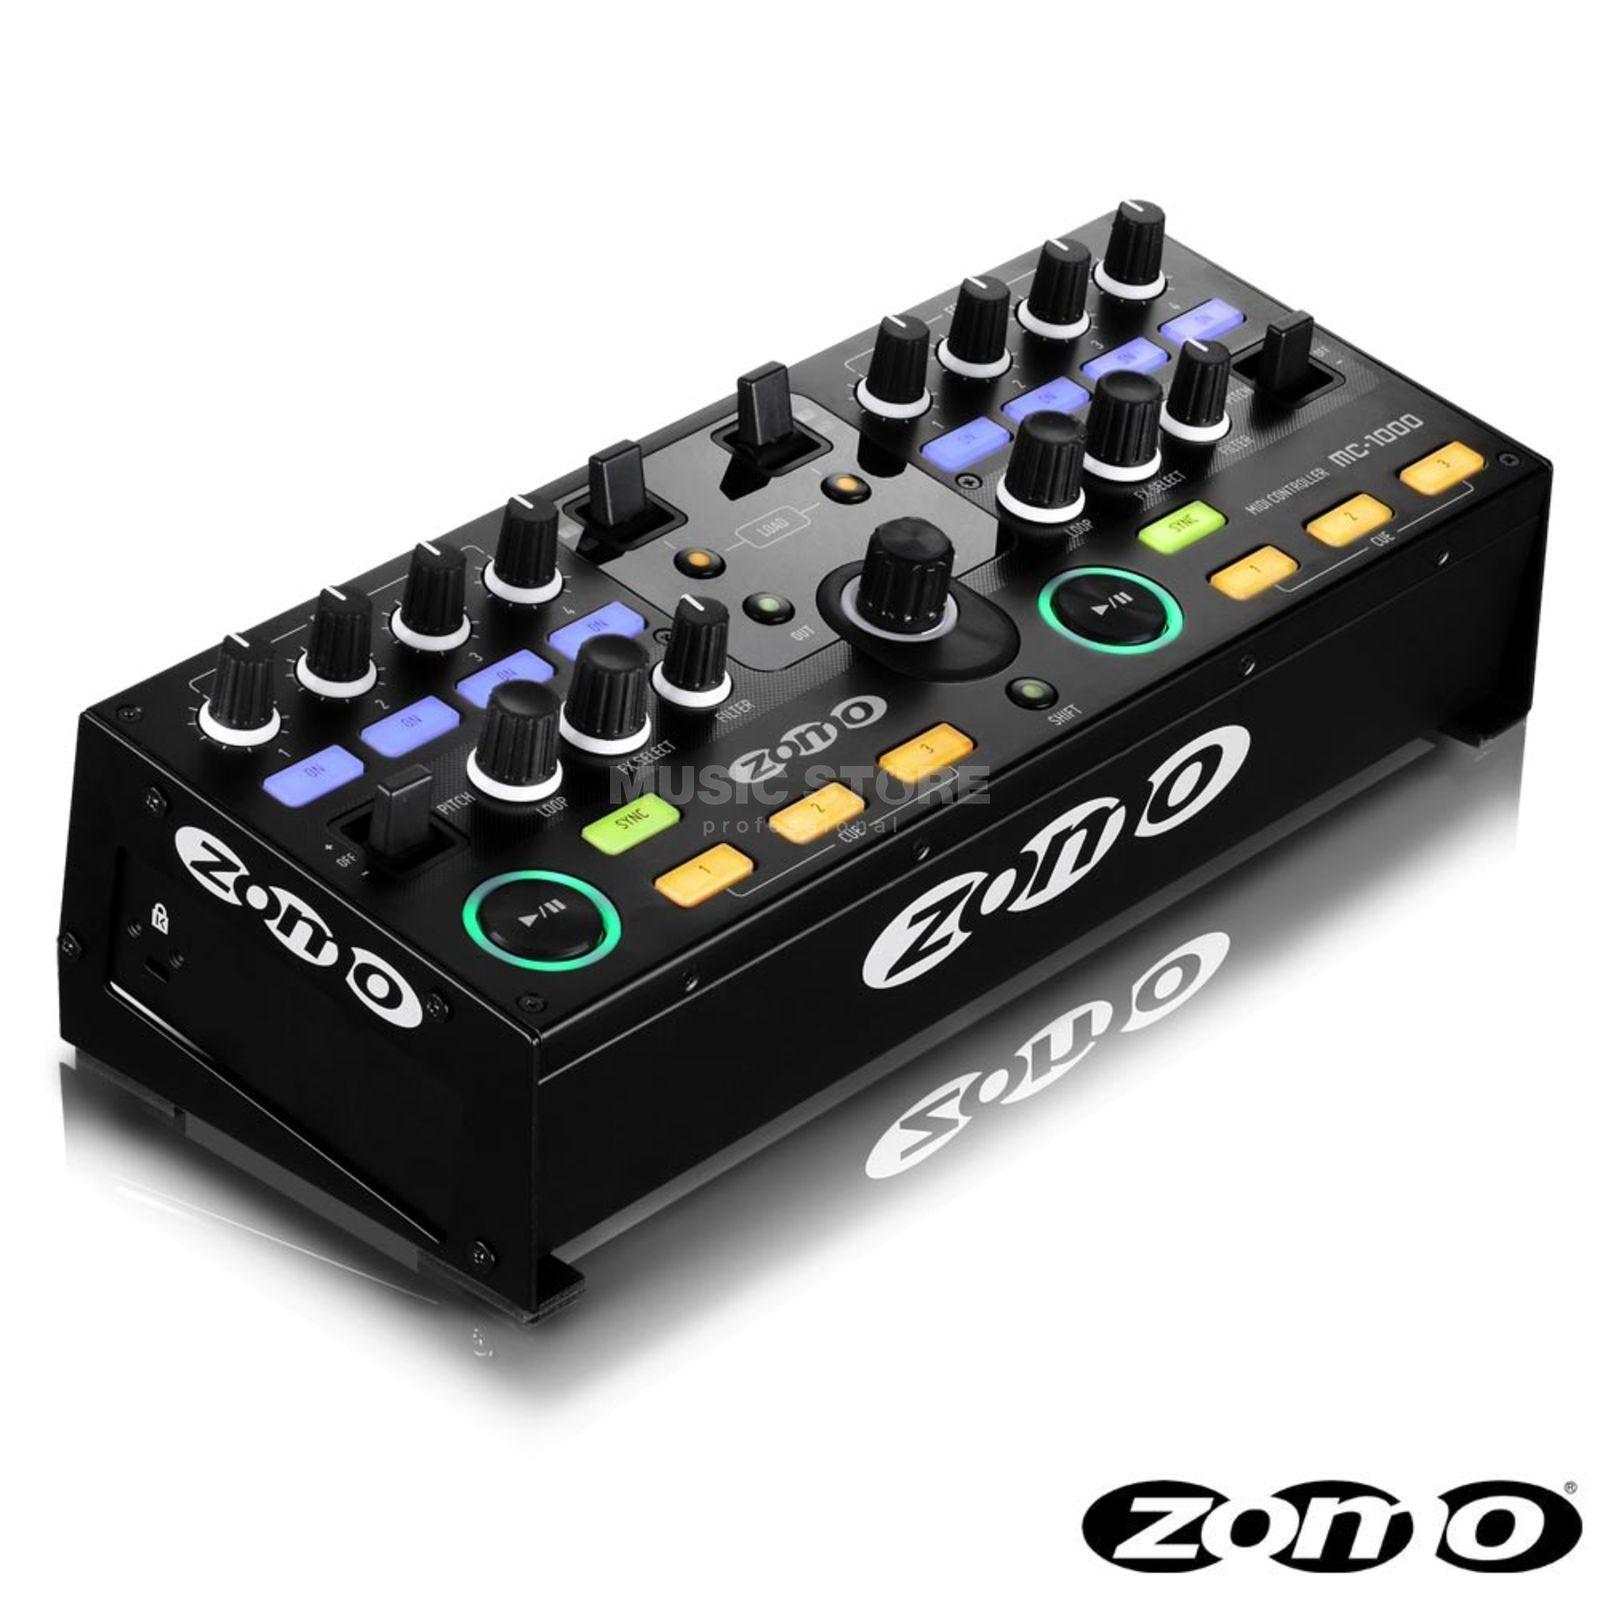 MIDI Controller Amazoncouk